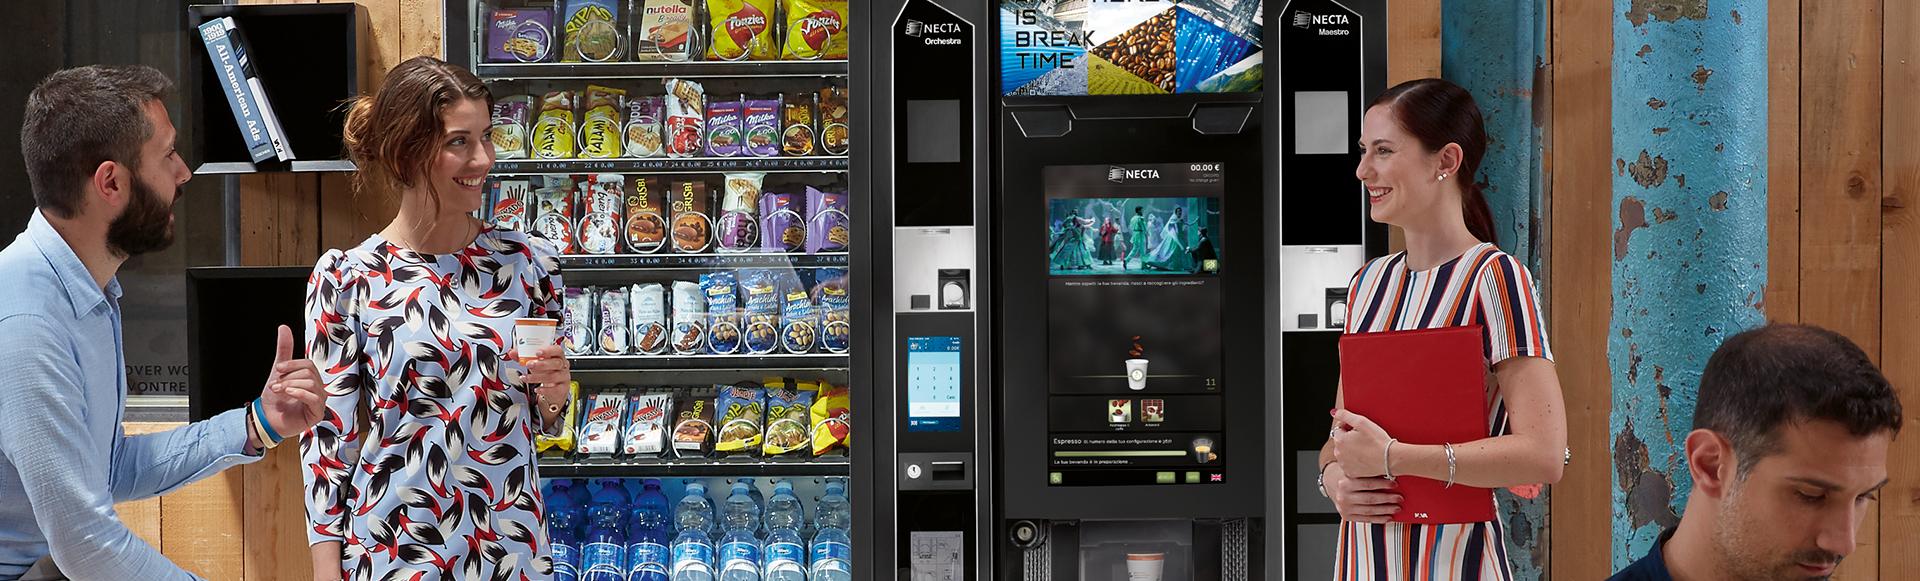 Un buen café en la oficina con las máquinas vending